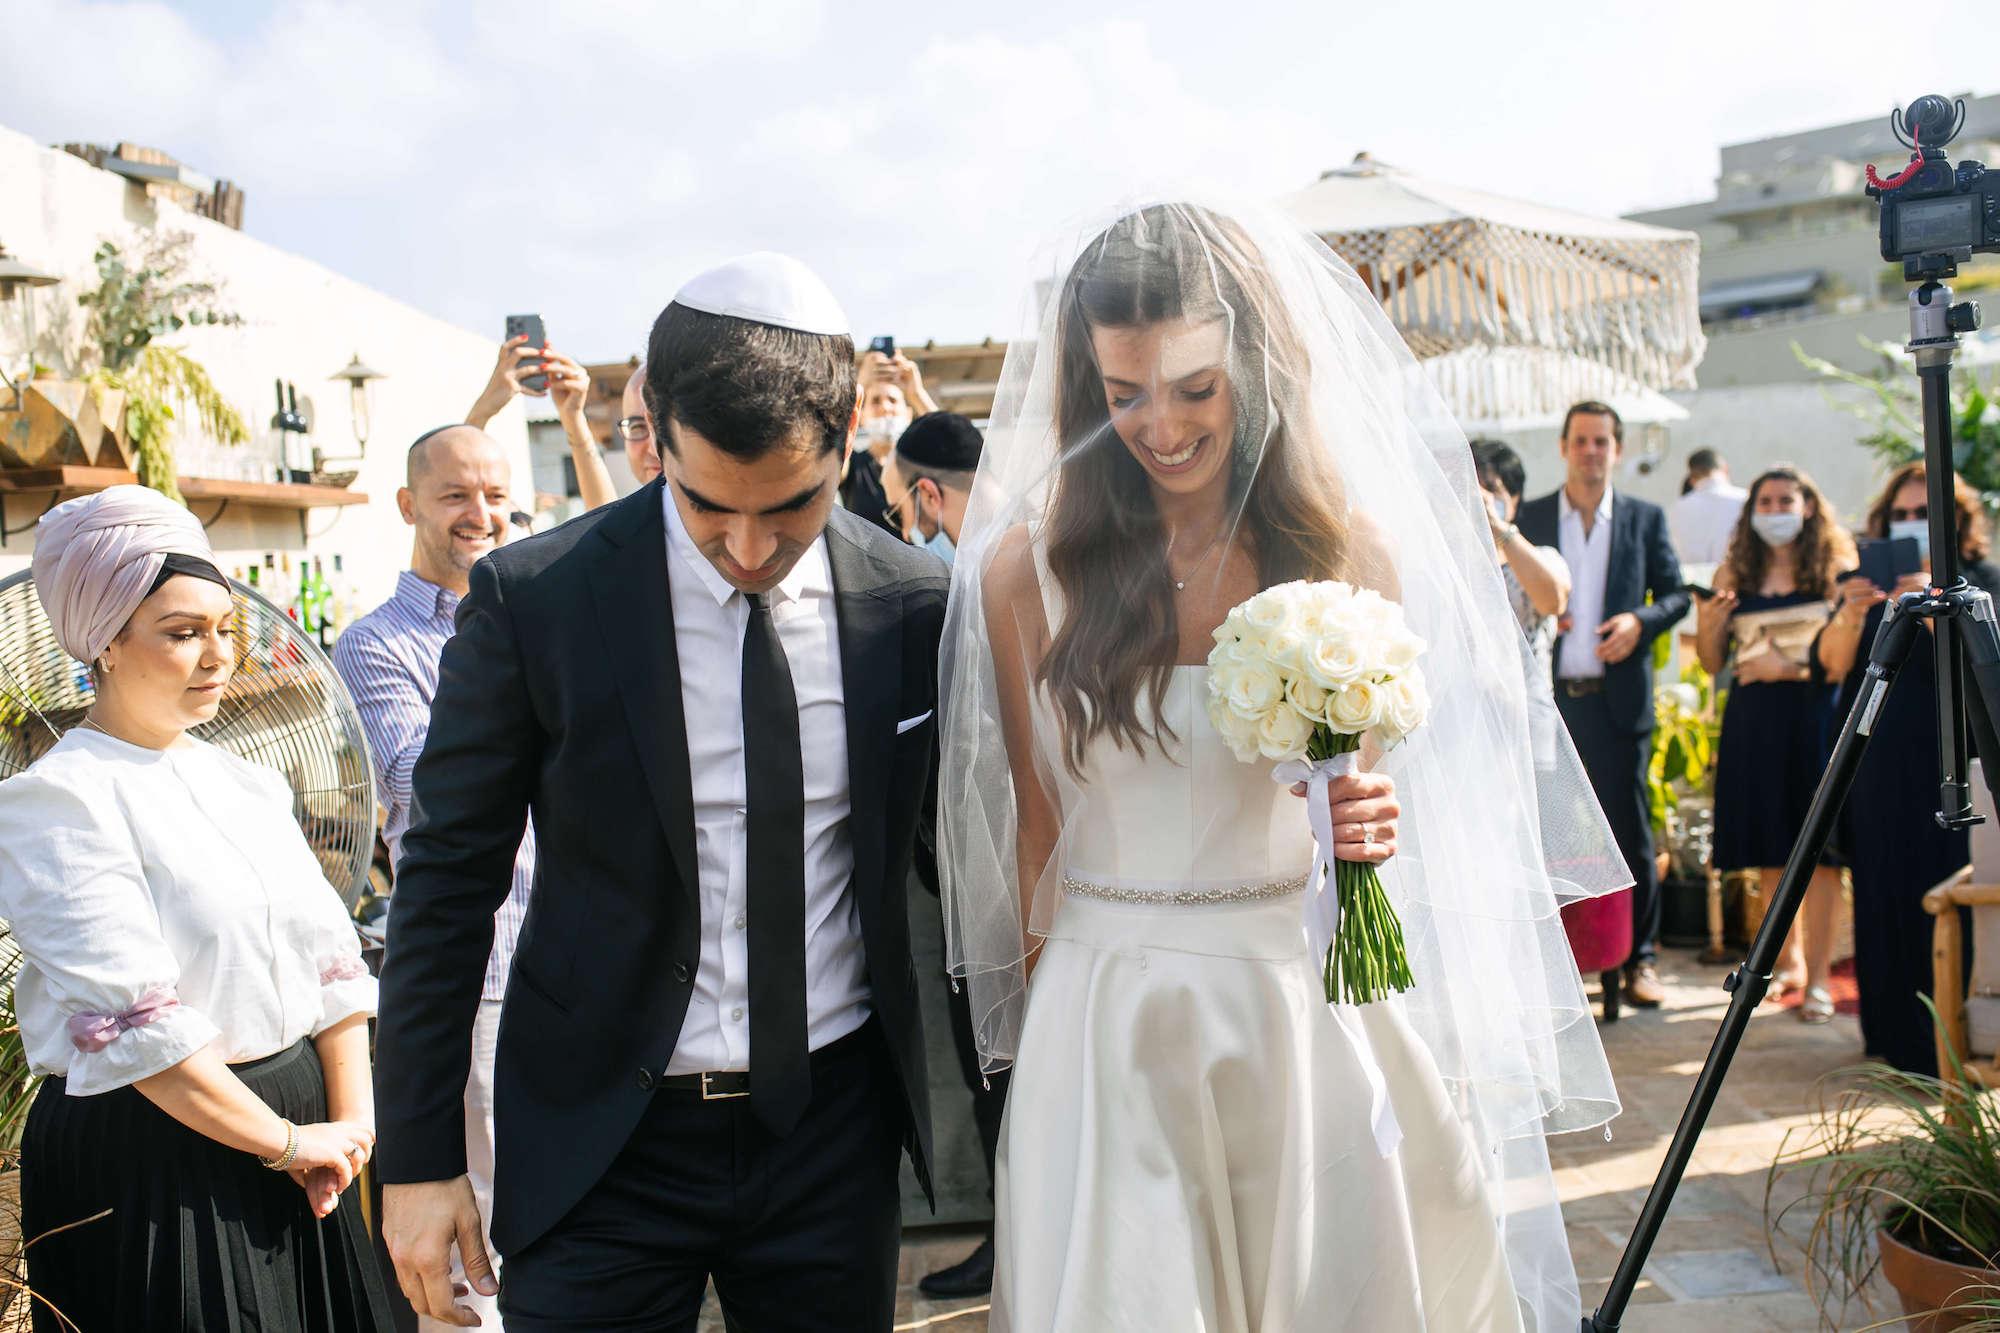 קלאסיקה יפואית: החתונה הקטנה של נטלי ואילן